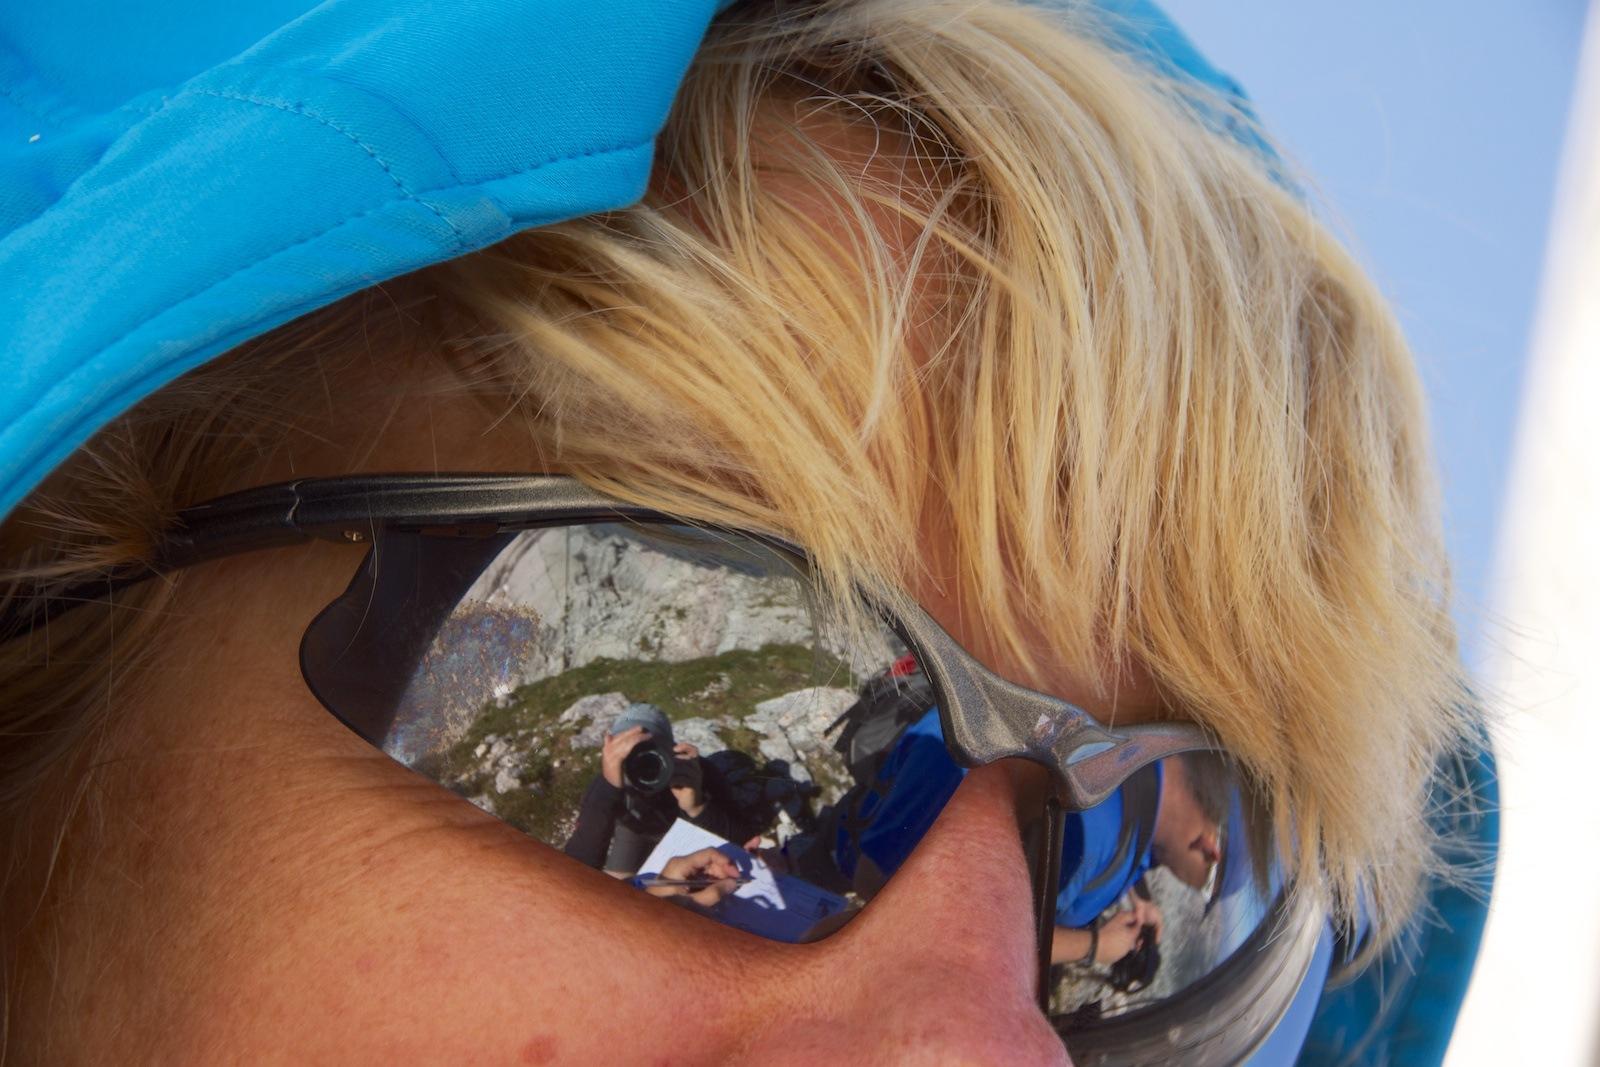 Rotgschirr 08.07.2012 - 241